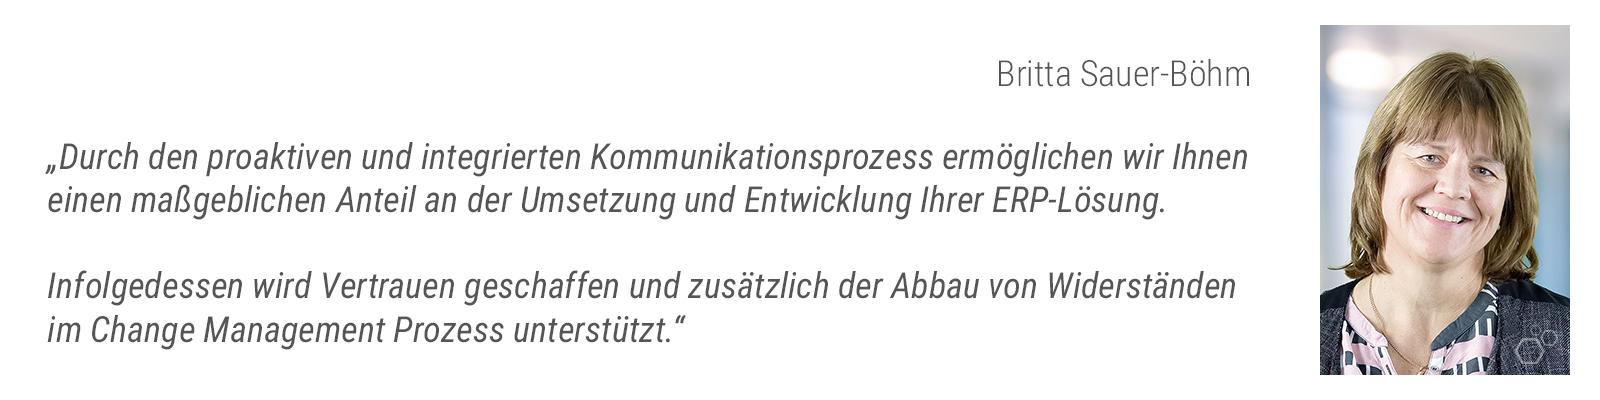 Projektmanagement-Britta Sauer-Böhm